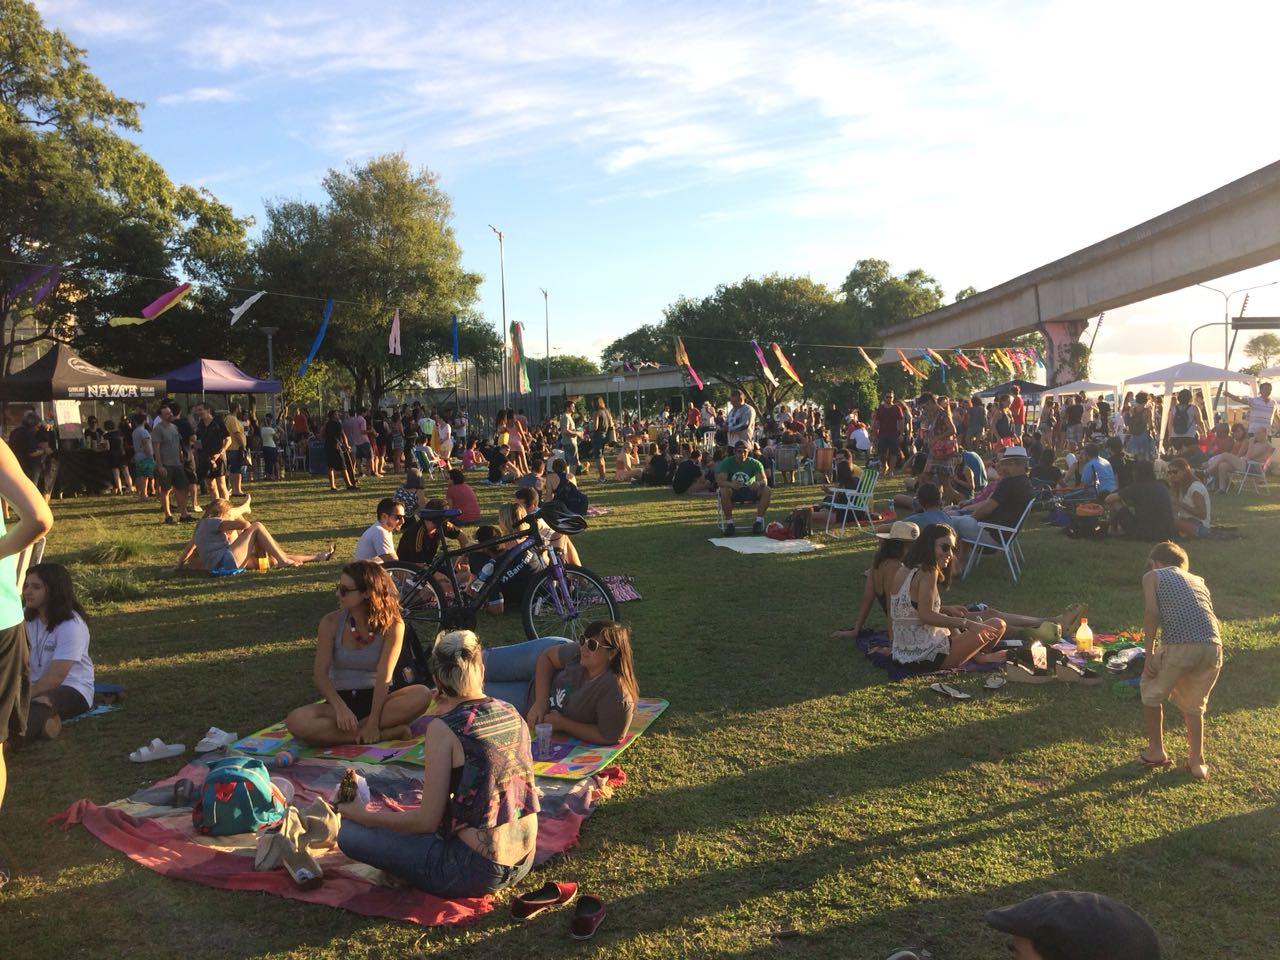 Feira cultural ocupa praça revitalizada junto à Usina do Gasômetro, em Porto Alegre